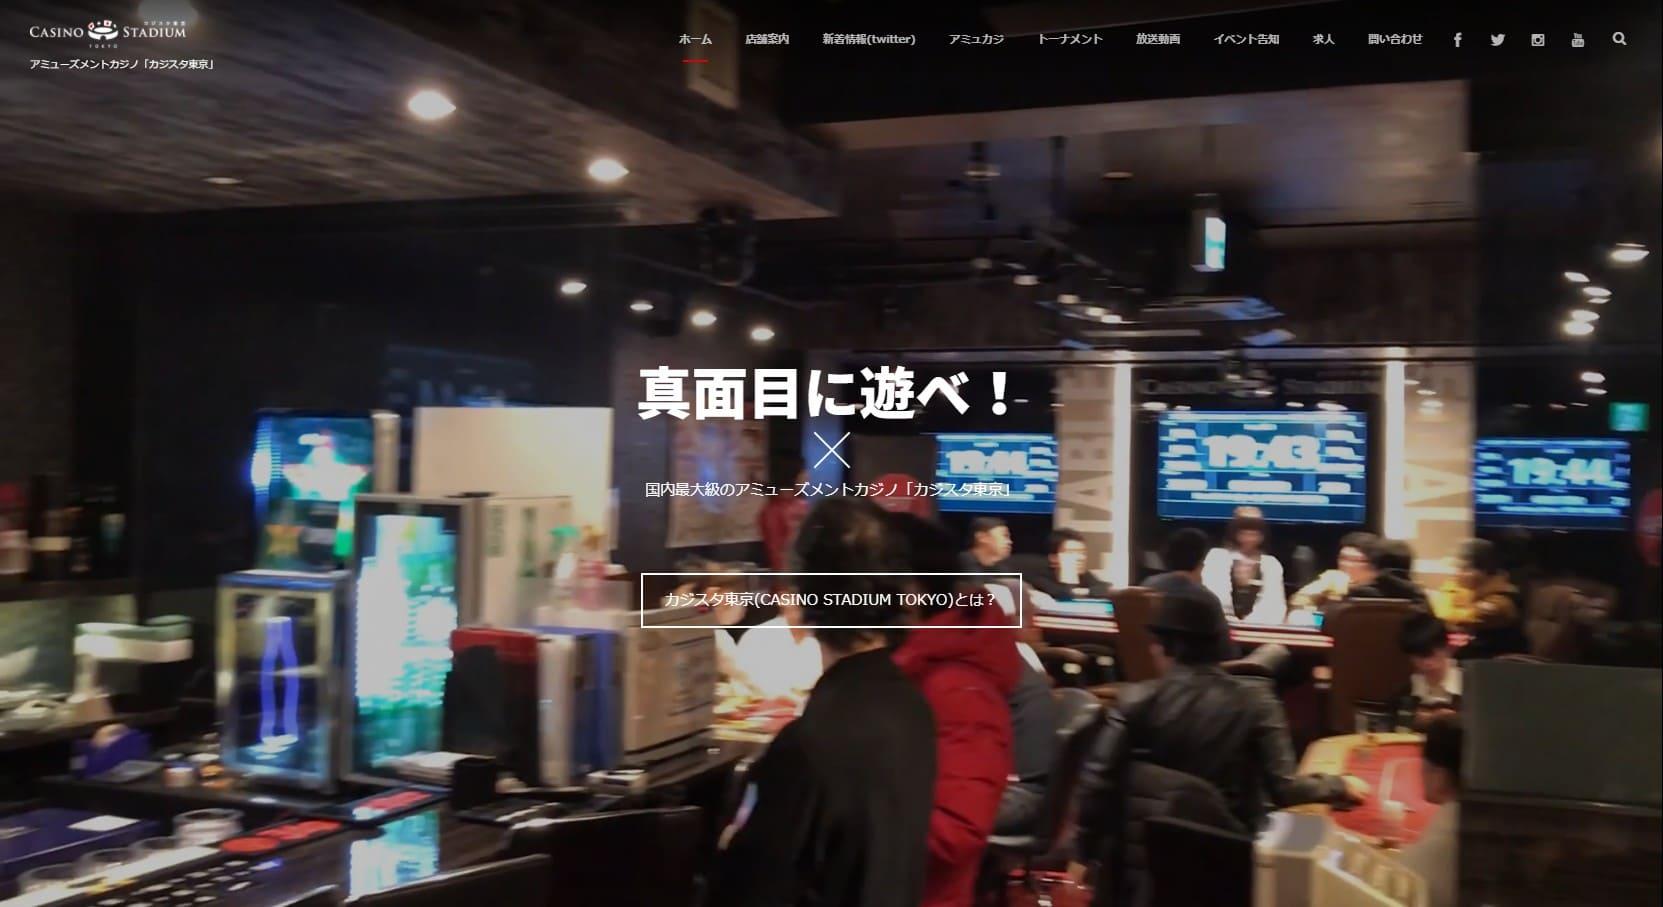 カジノスタジアム東京ウェブサイト画像。